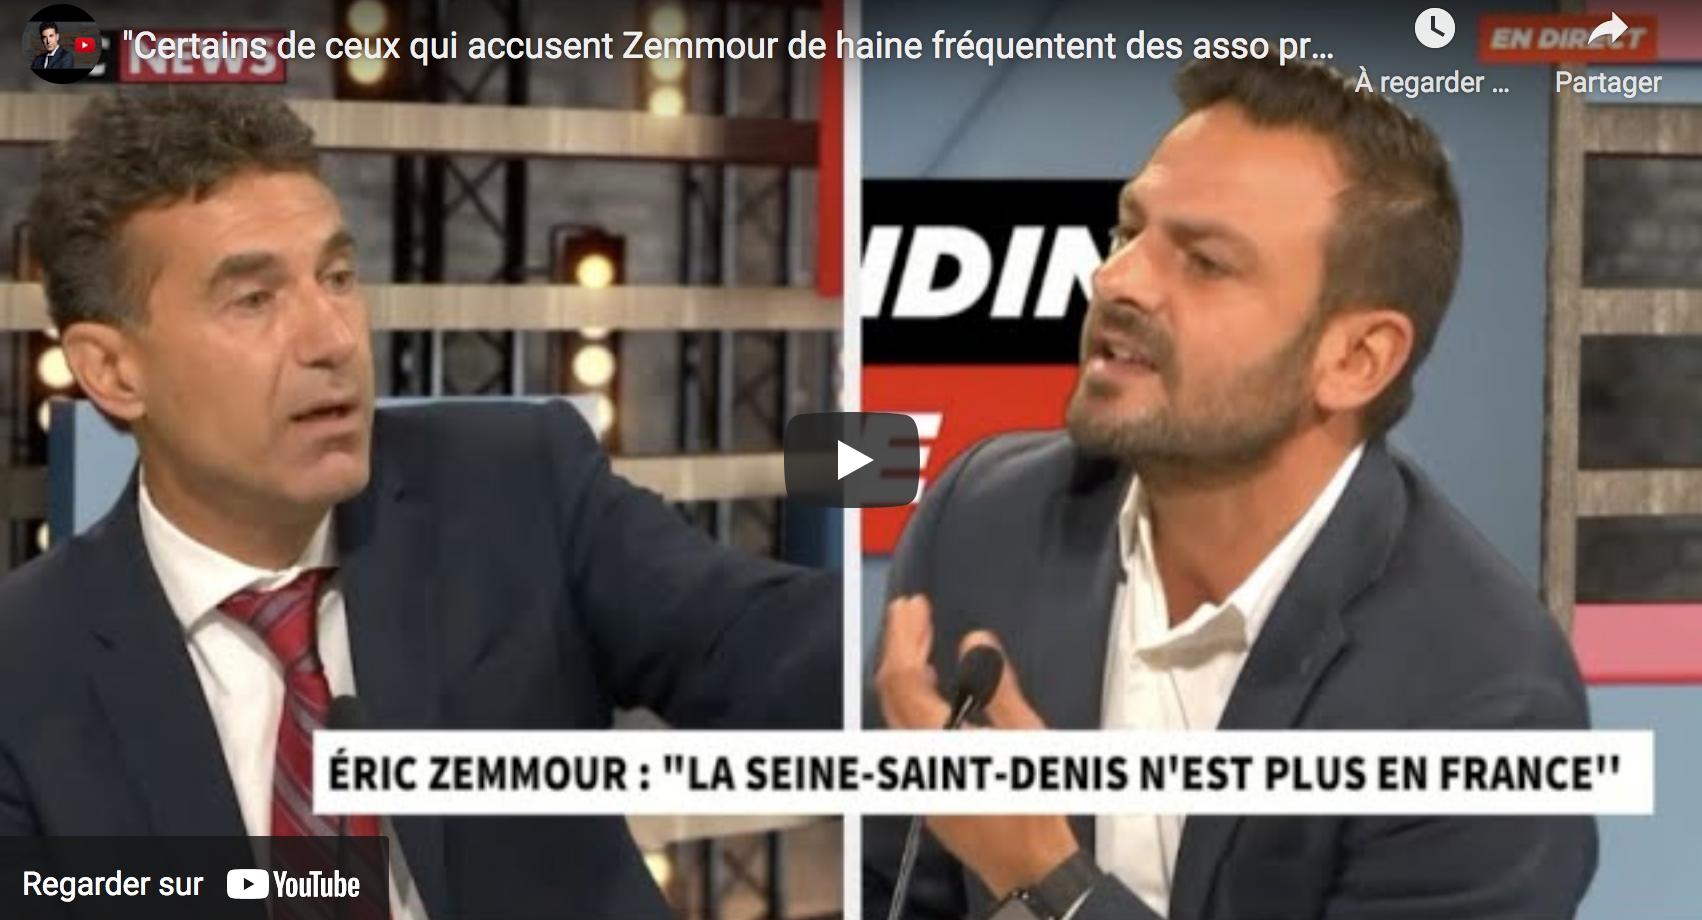 """Alexandre del Valle : """"Certains de ceux qui accusent Zemmour de haine fréquentent des asso pro islamiste !"""" (VIDÉO)"""